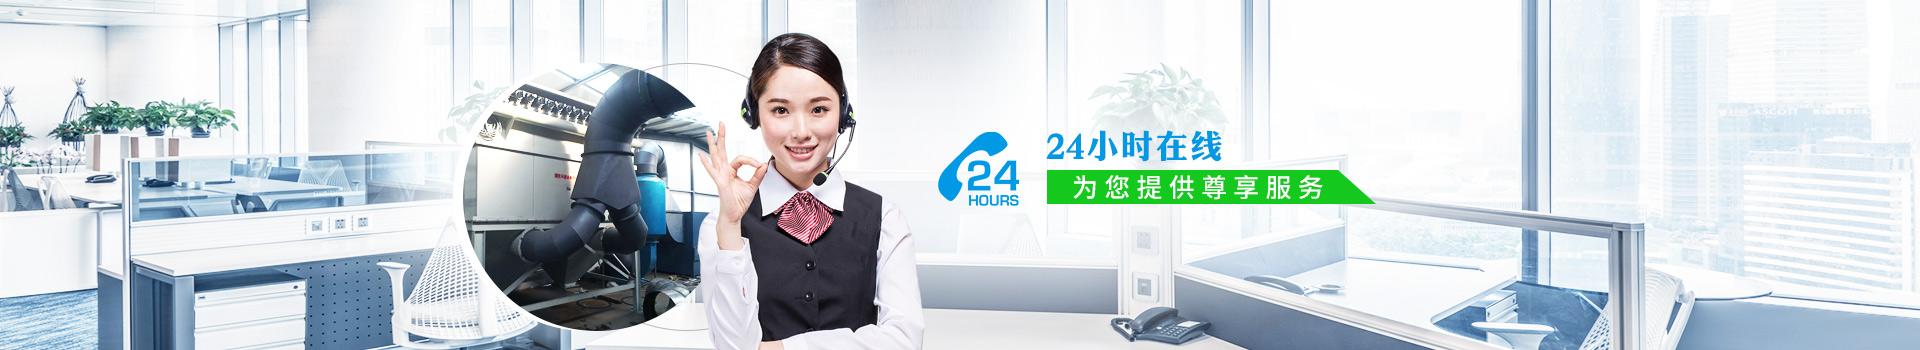 耀先-7*24小时在线,为您提供尊享服务